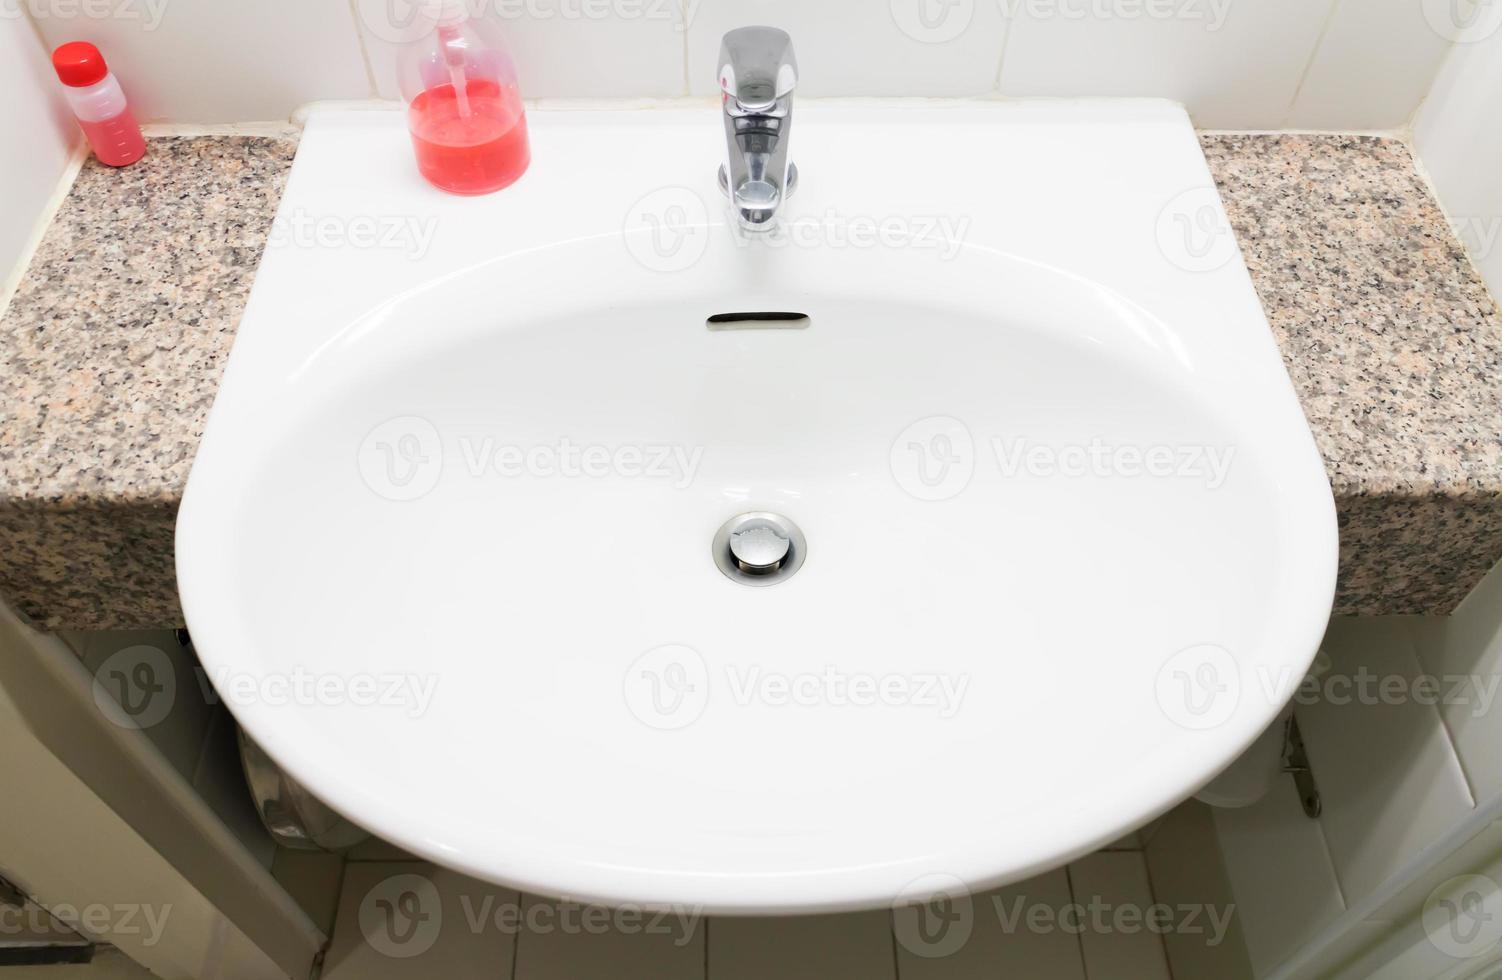 Waschbecken für Patienten im Krankenhaus foto